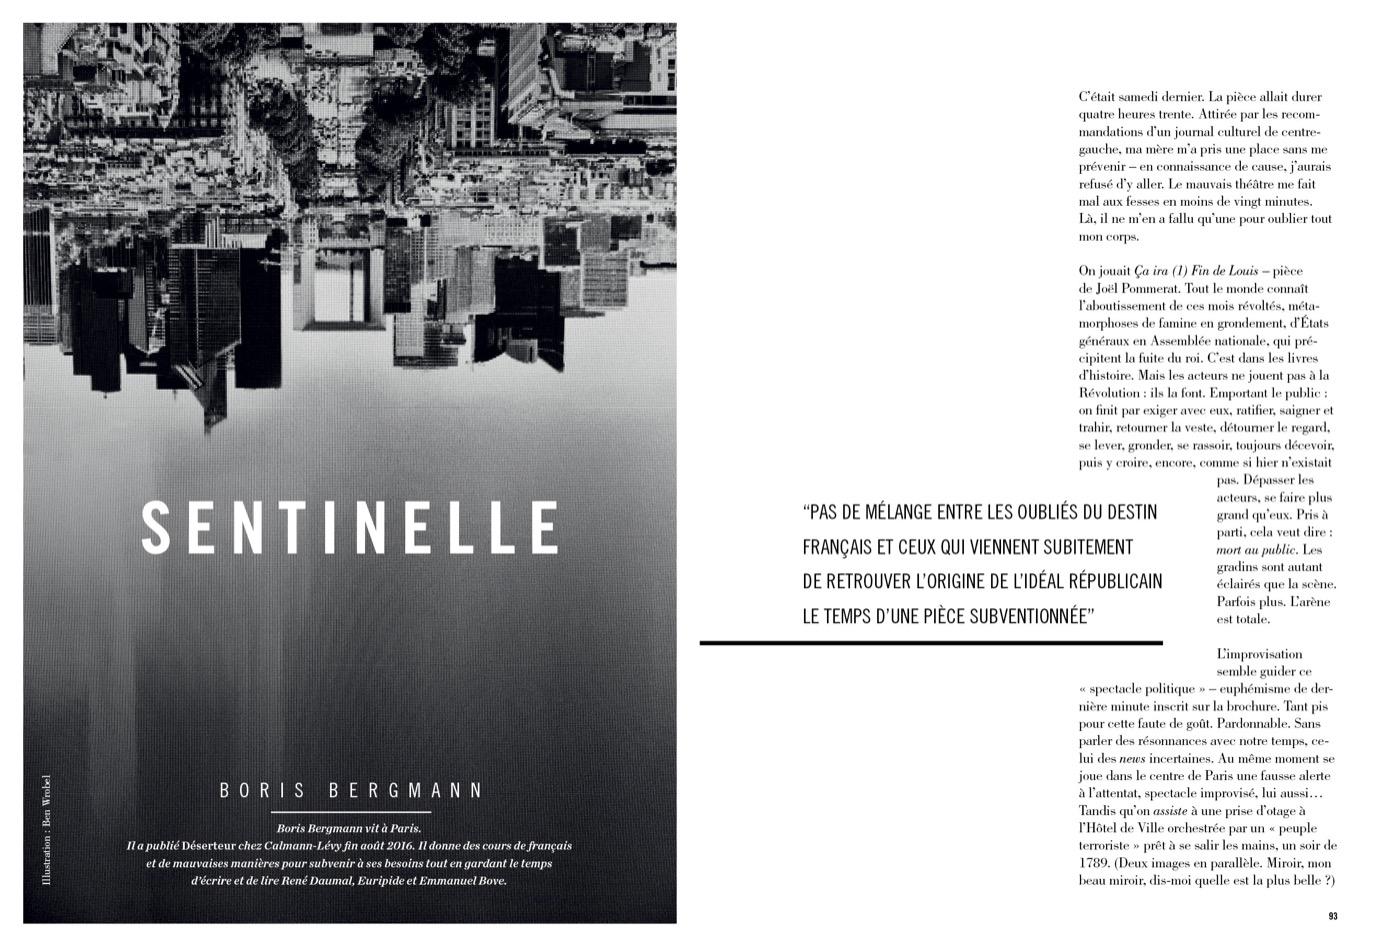 Texte de Boris Bergmann, Sentinelle